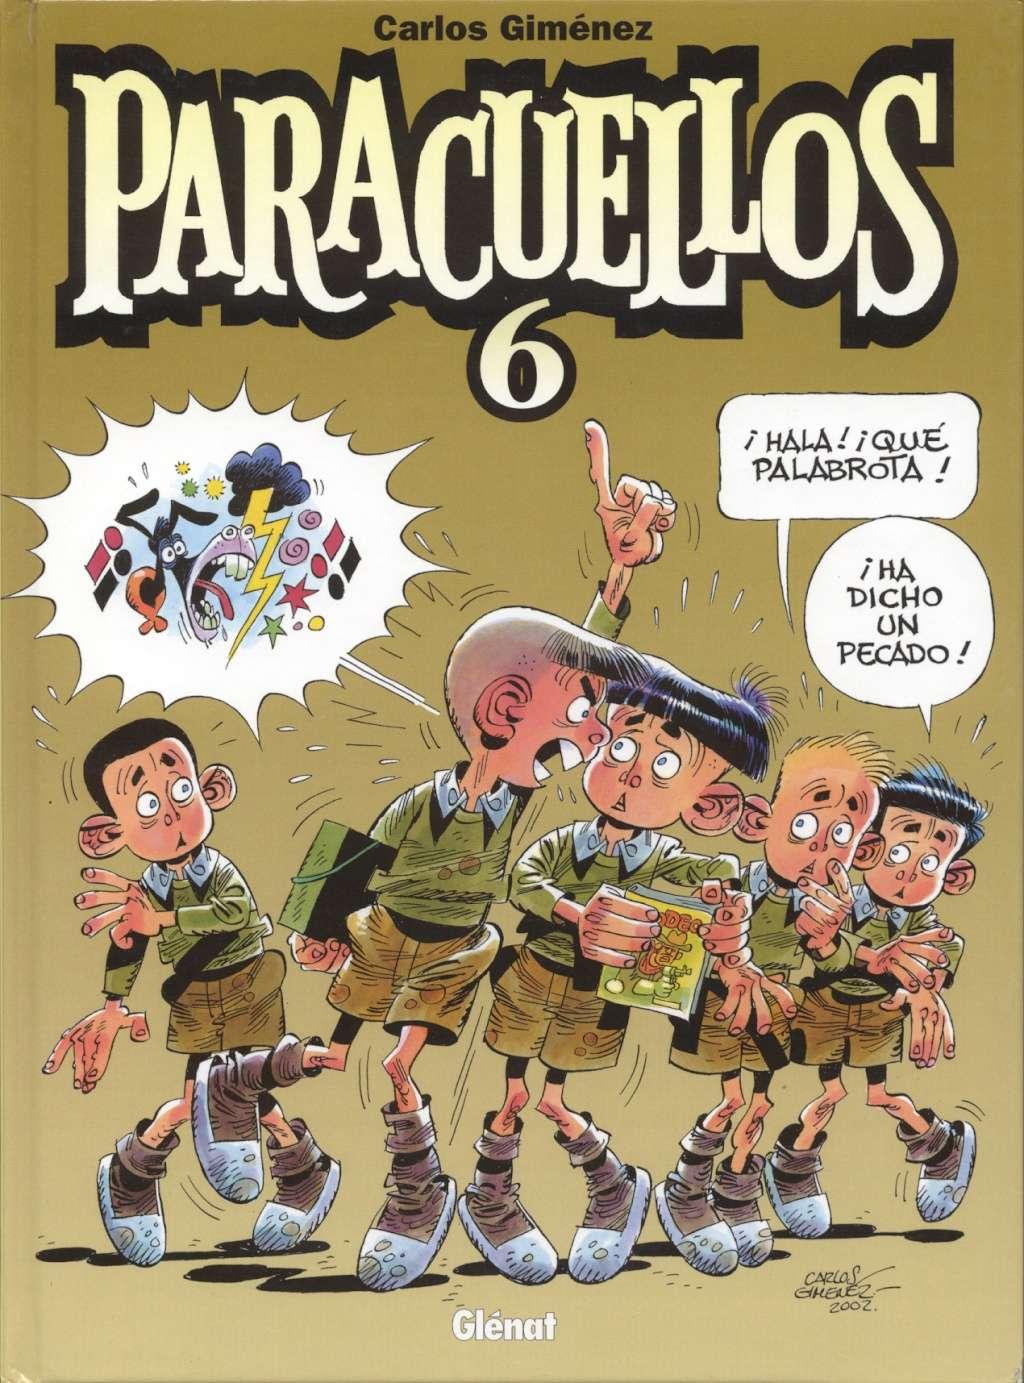 Bandes dessinées espagnoles - Page 5 Gimene11